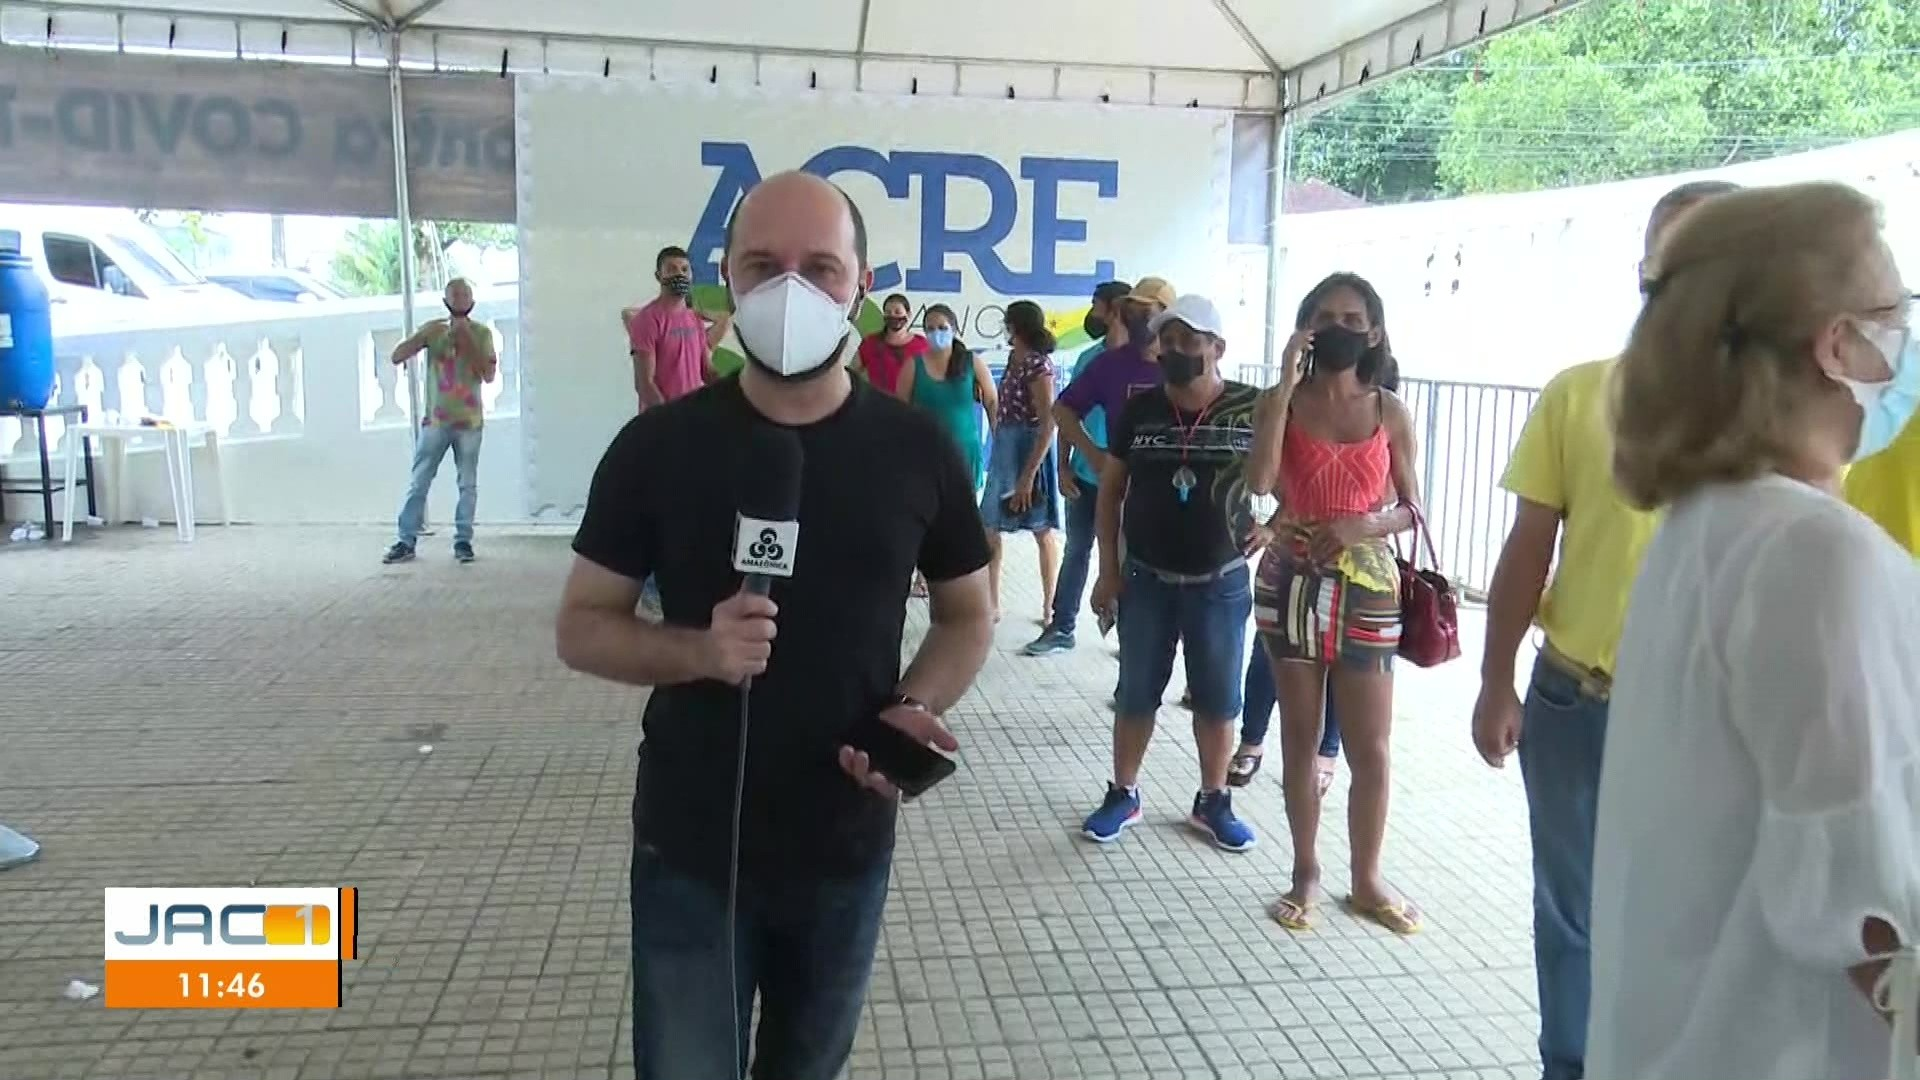 VÍDEOS: Jornal do Acre 1ª Edição desta sexta-feira, 18 de junho